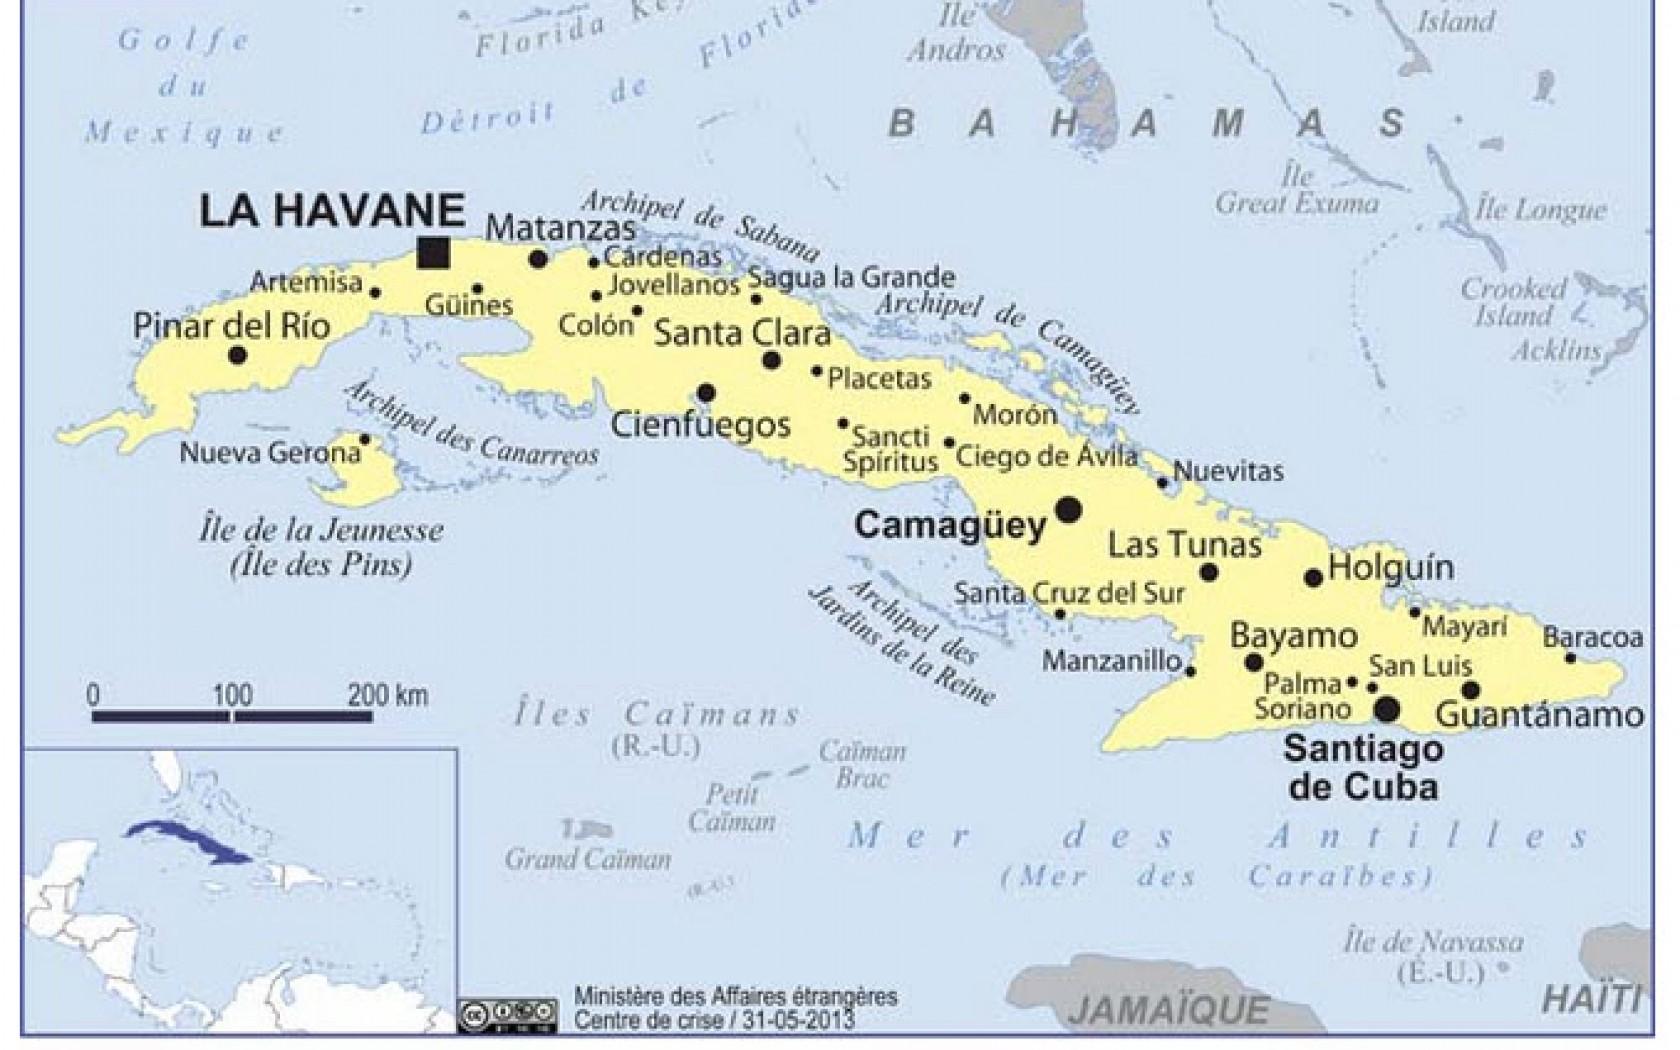 Carte Cuba Guide Du Routard.Preparer Son Voyage A Cuba Inspiration For Travellers